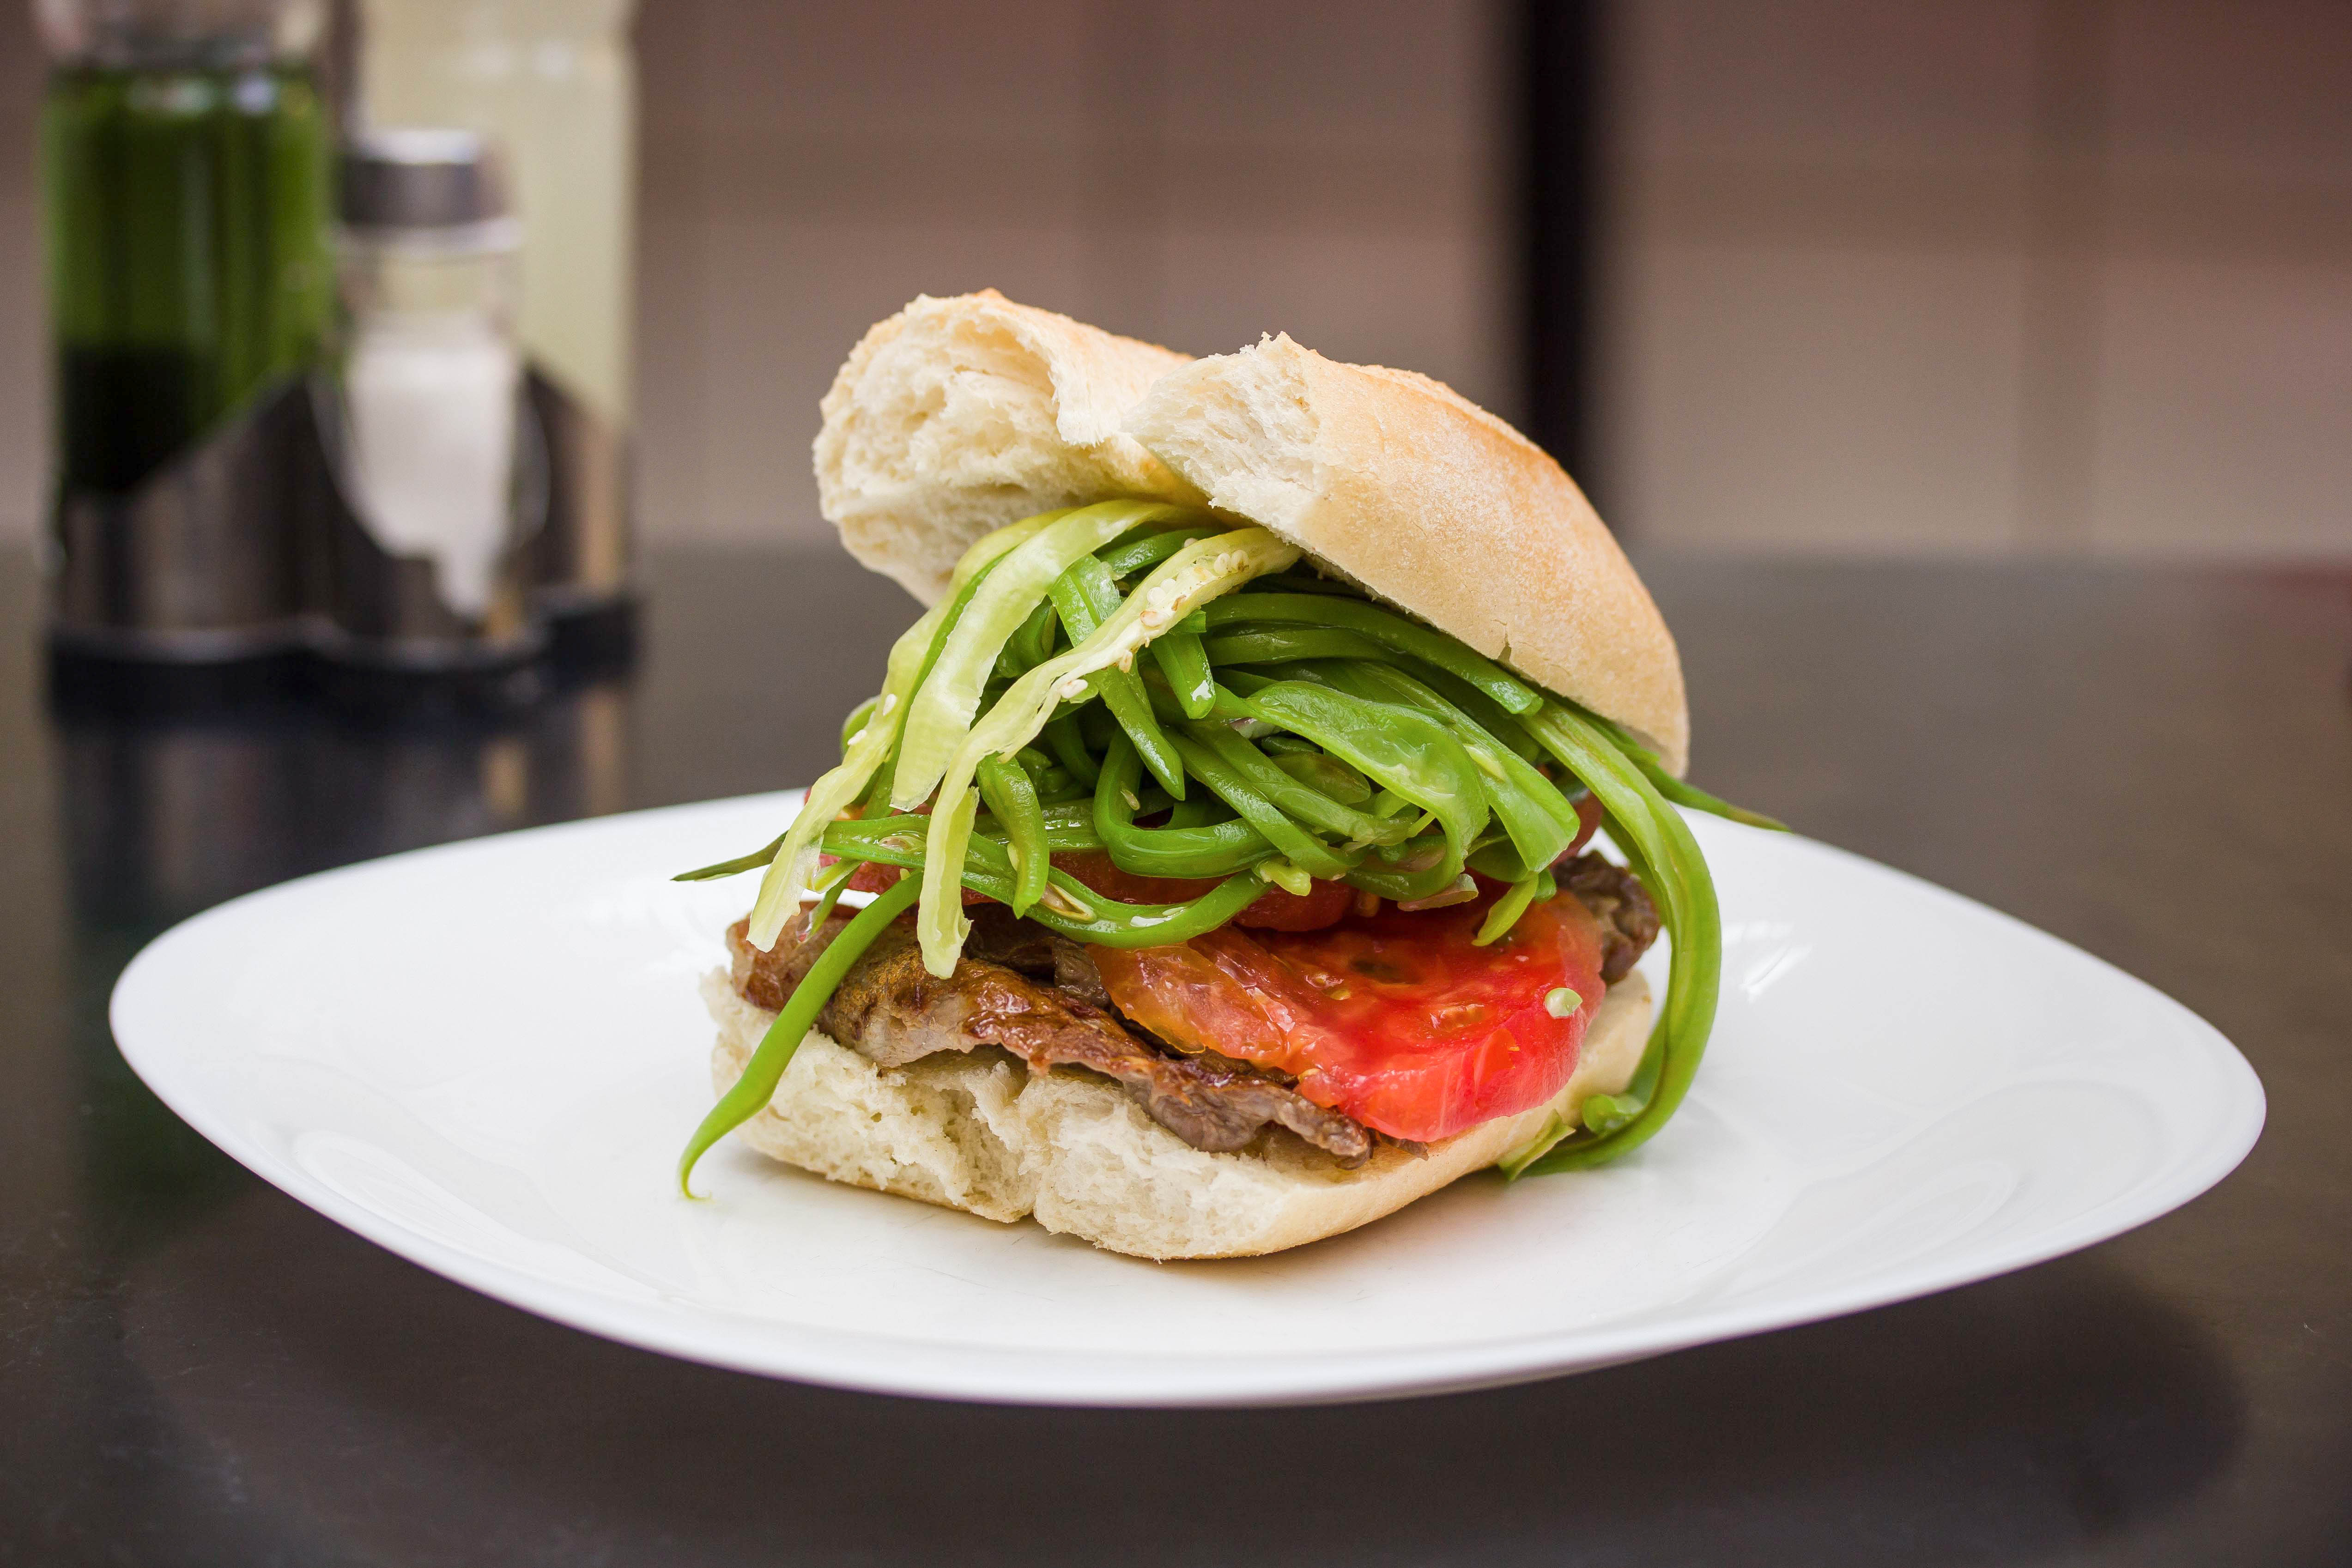 Sándwich chacarero